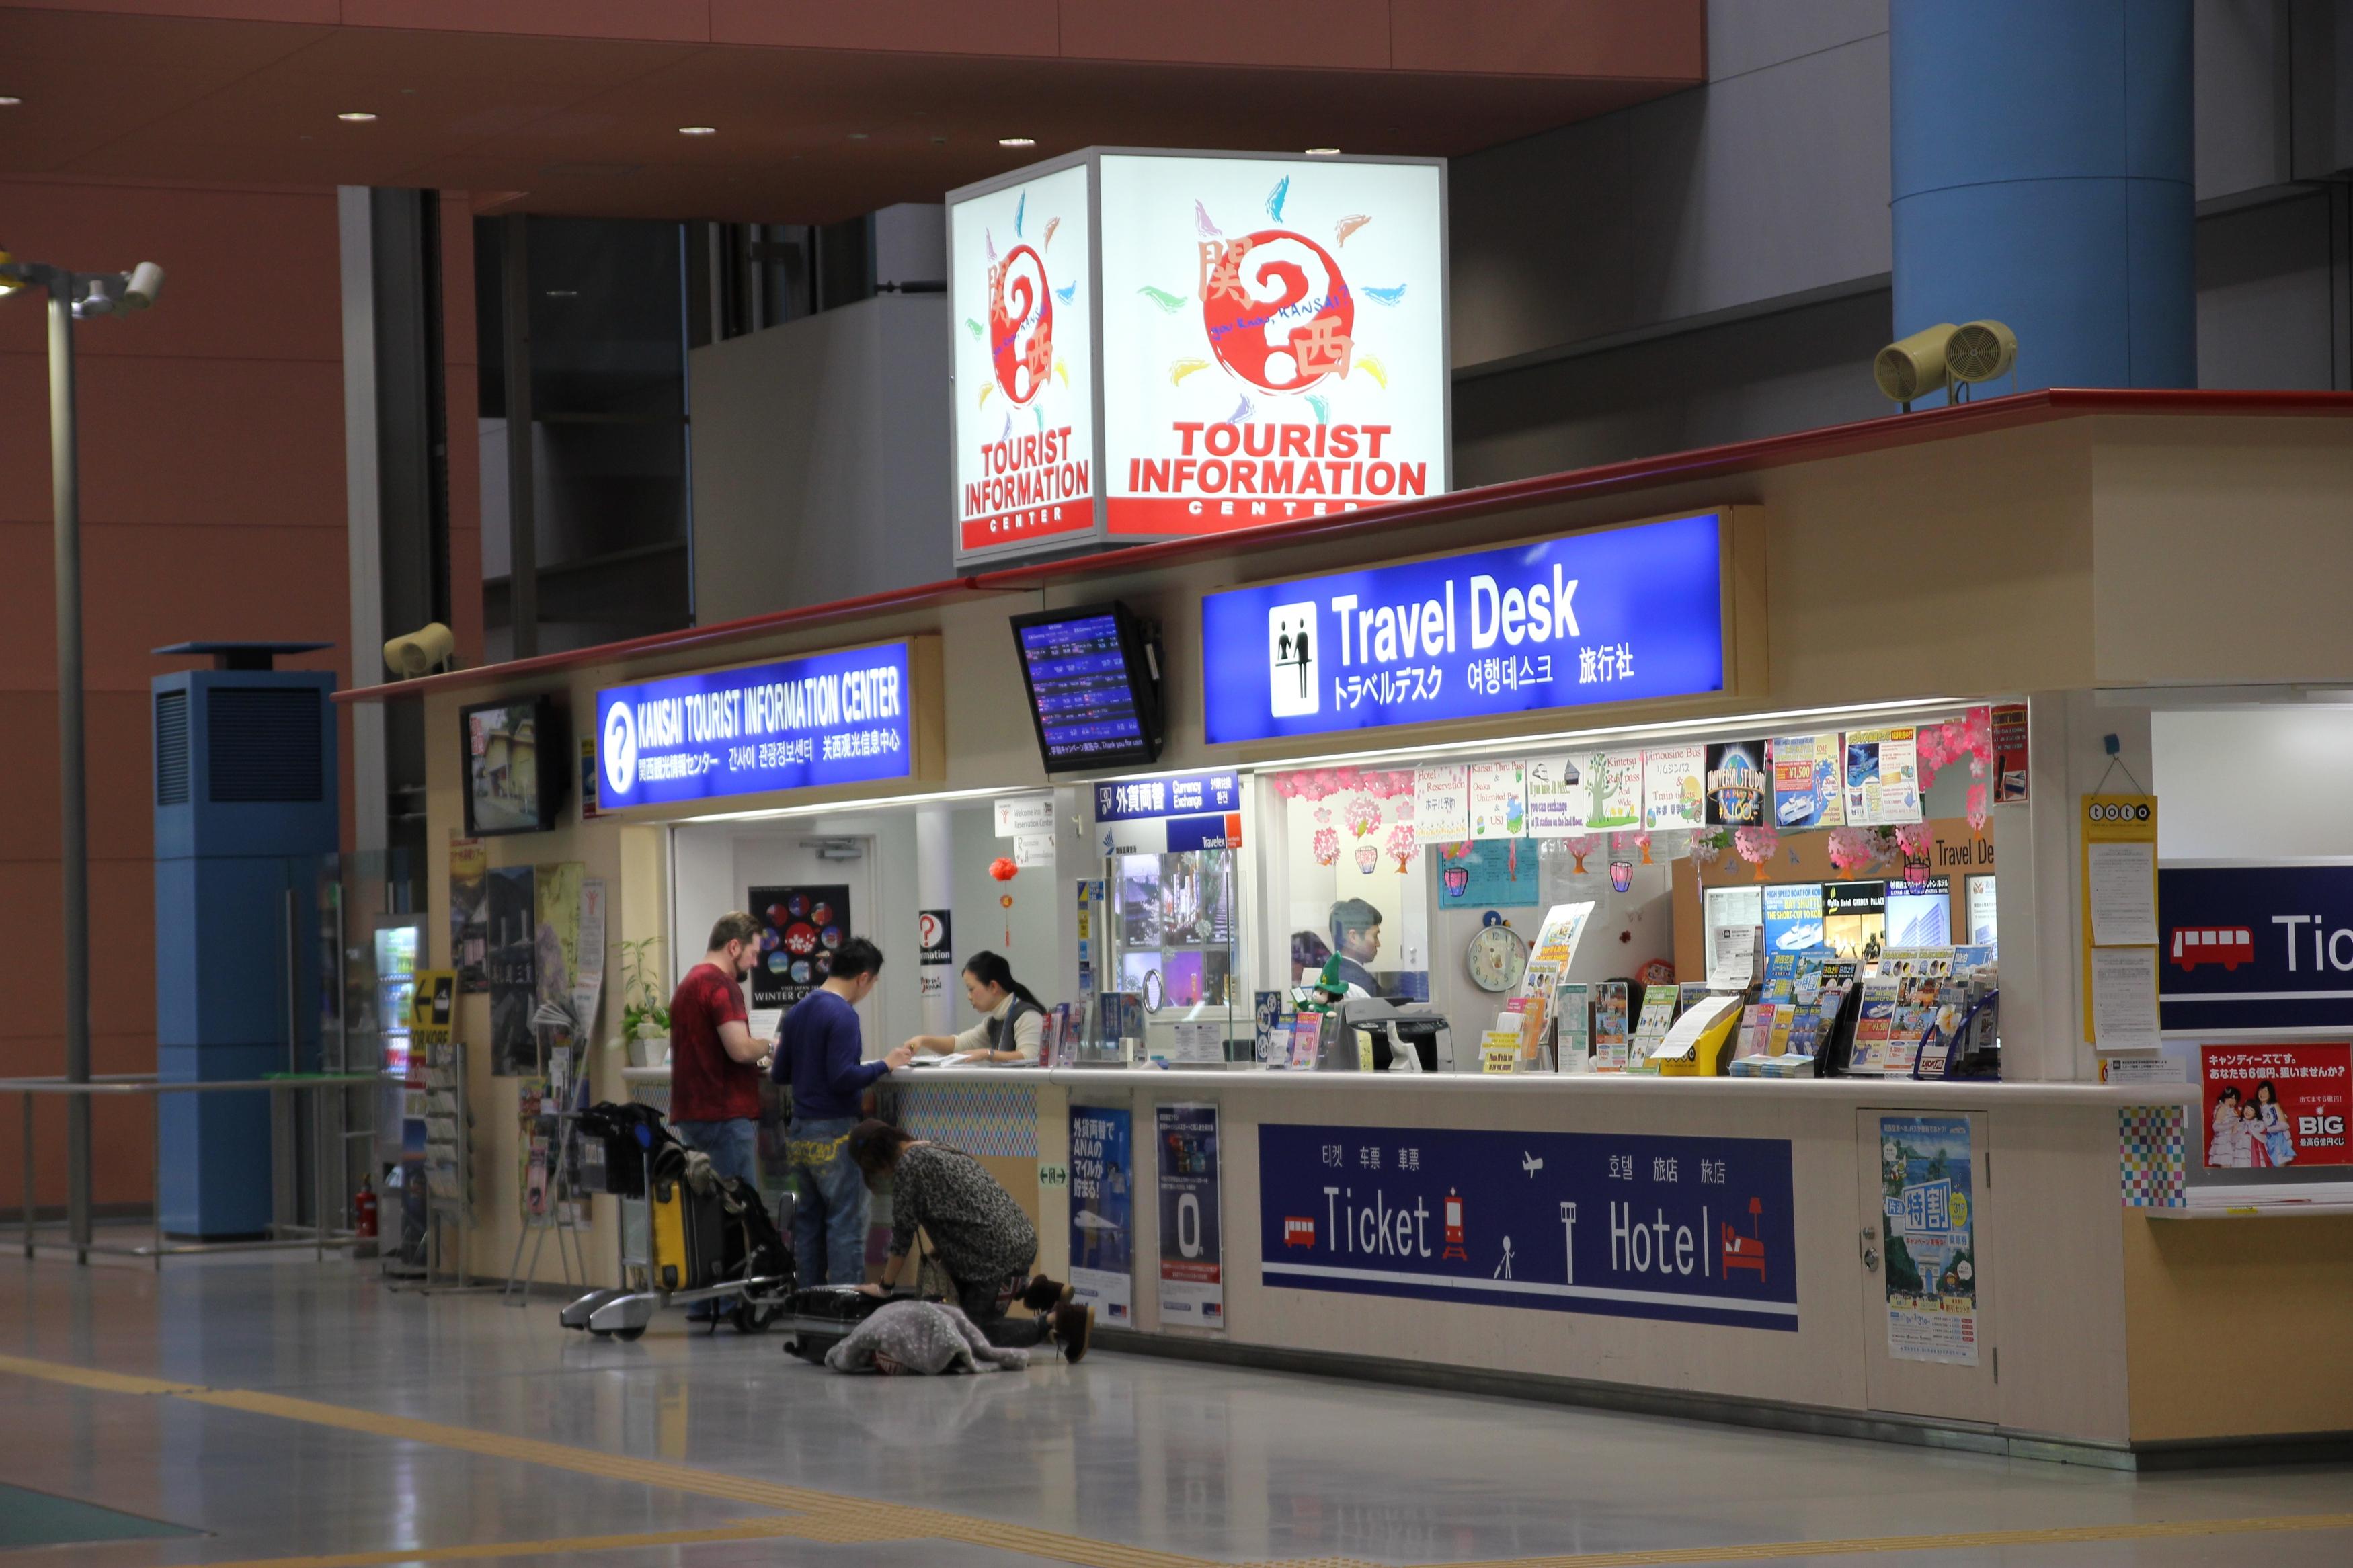 Kansai Tourist Information Center Kansai International